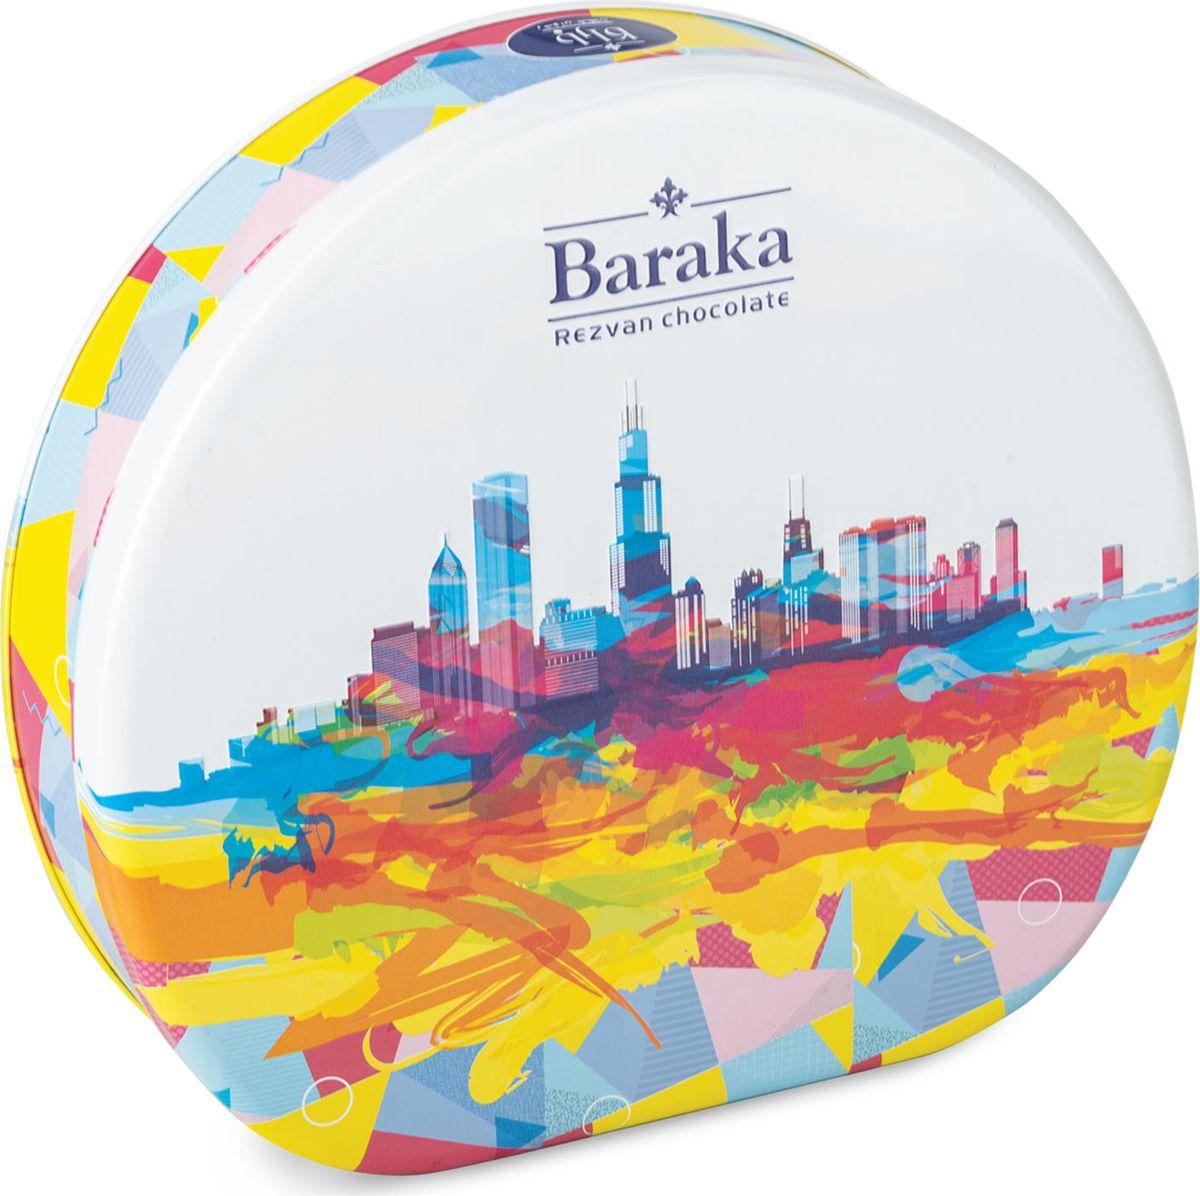 Baraka Самба ассорти шоколадных конфет, 300 г коркунов ассорти конфеты темный и молочный шоколад 110 г